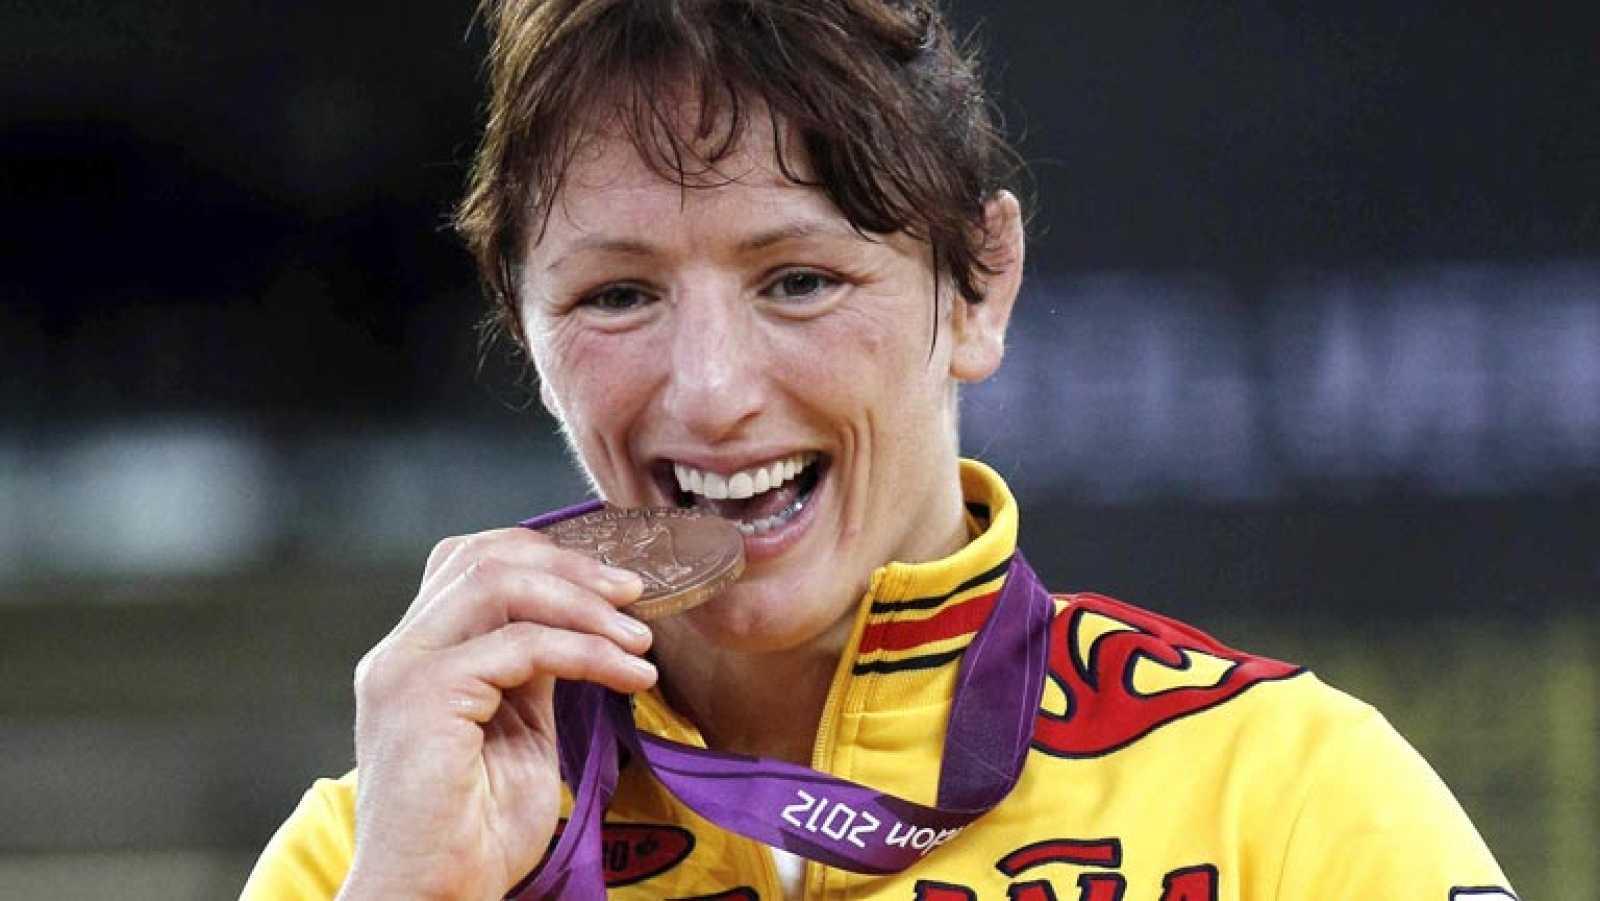 La luchadora española Maider Unda, apodada 'Iron Maider', pasa del hierro de su apodo en inglés al bronce conseguido en la competición de lucha de los Juegos de Londres.